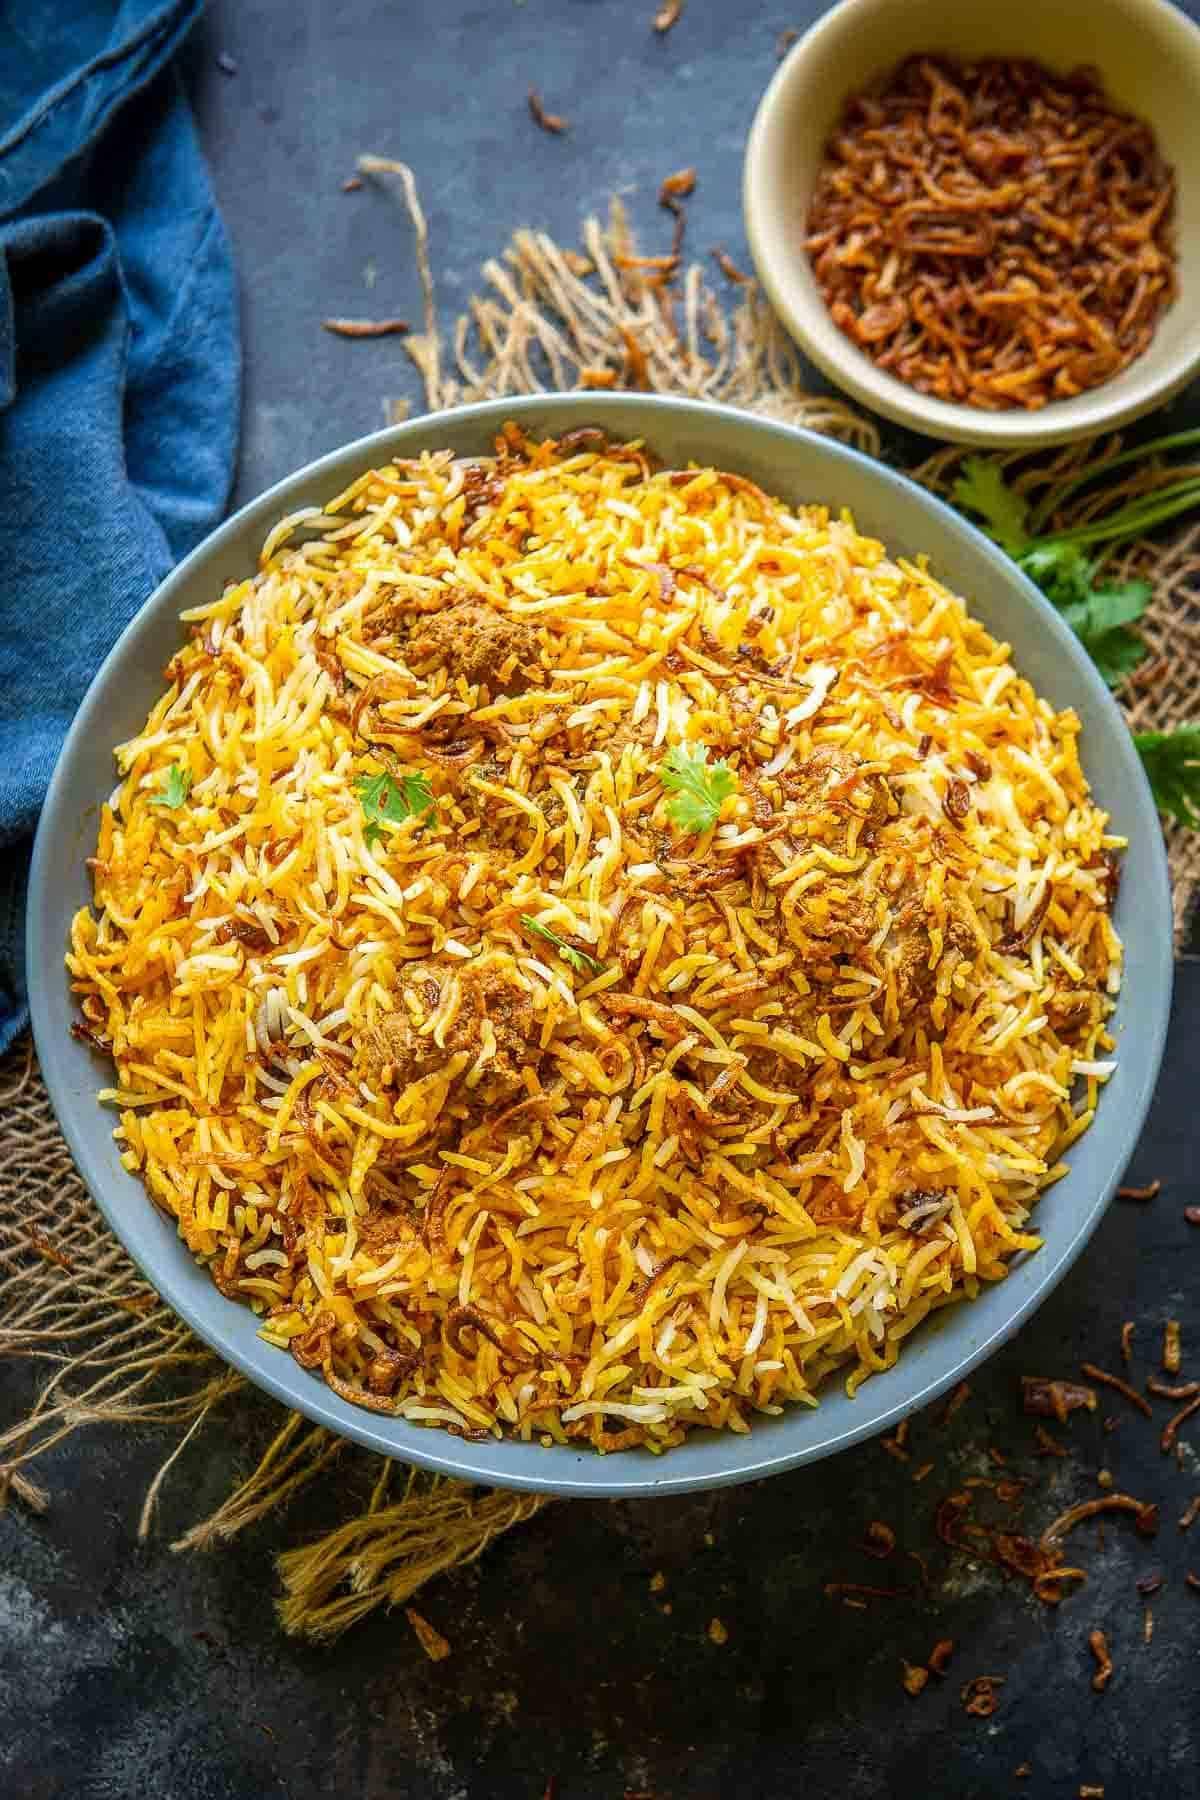 Hyderabadi Mutton biryani served in a bowl.